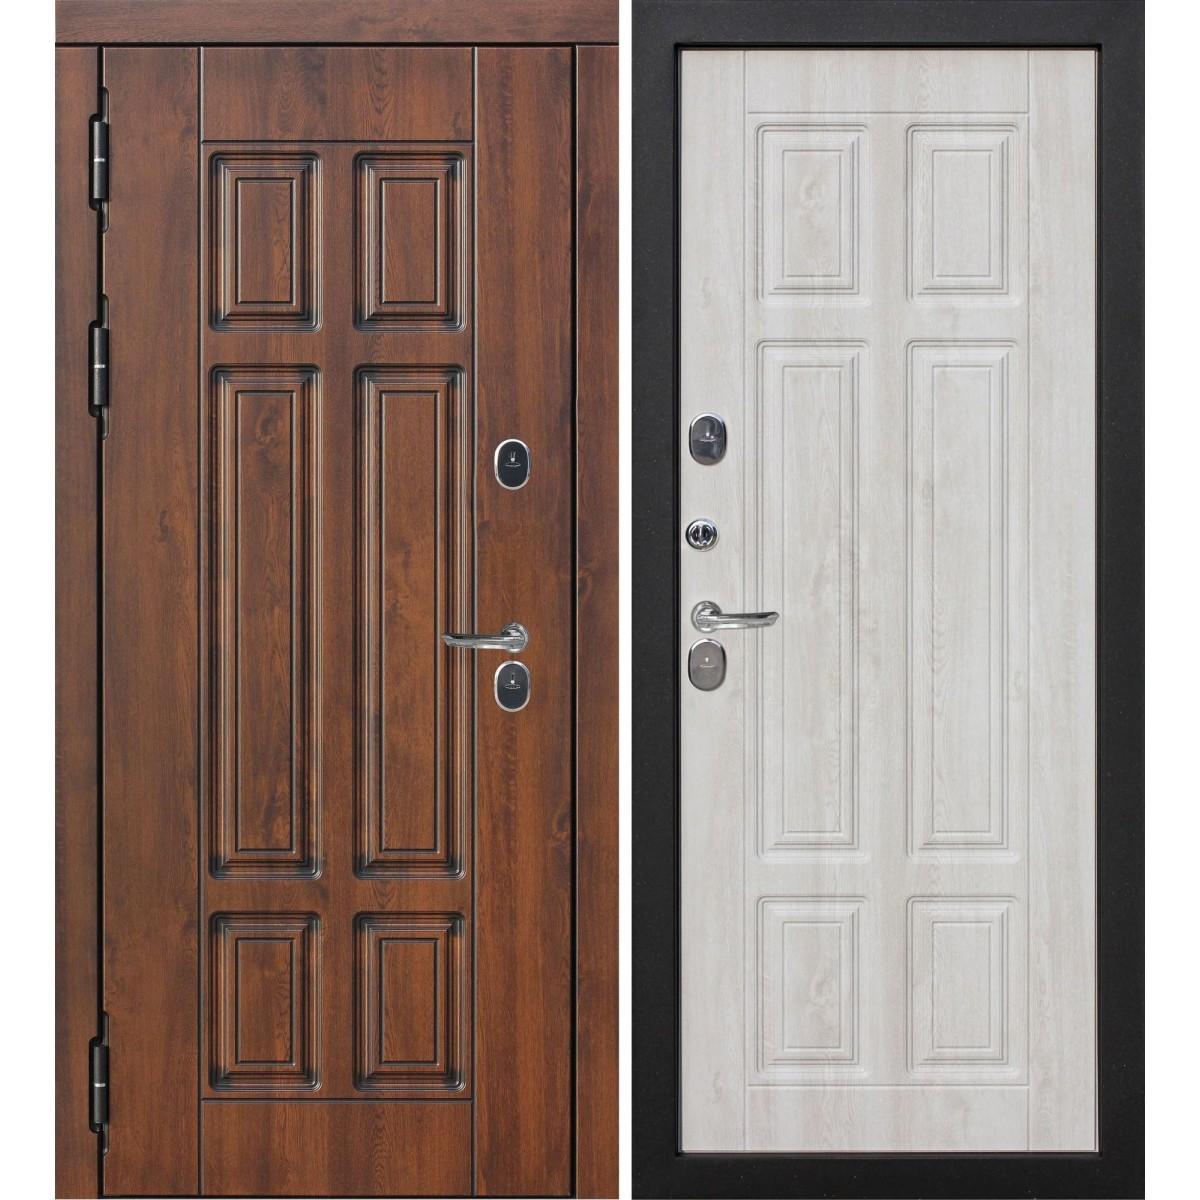 Дверь входная металлическая Isoterma Винорит Сосна белая 960х2050 мм левая